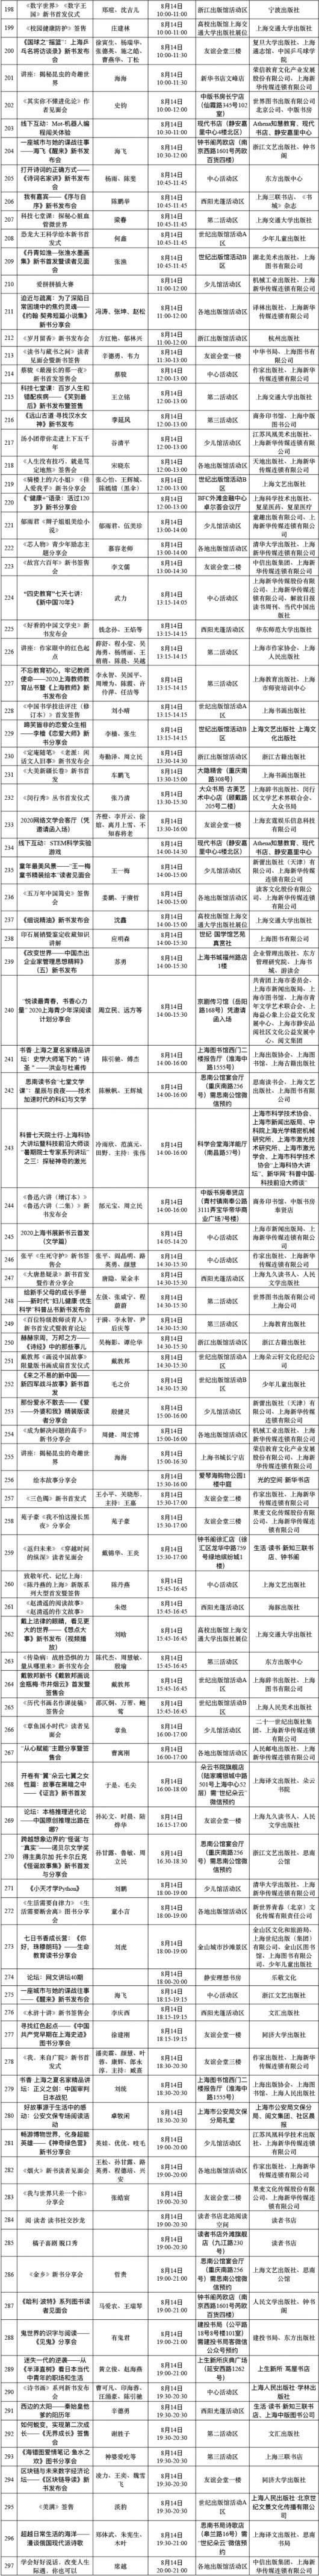 上海书展本周三开幕,精彩活动及门票指南请收好!